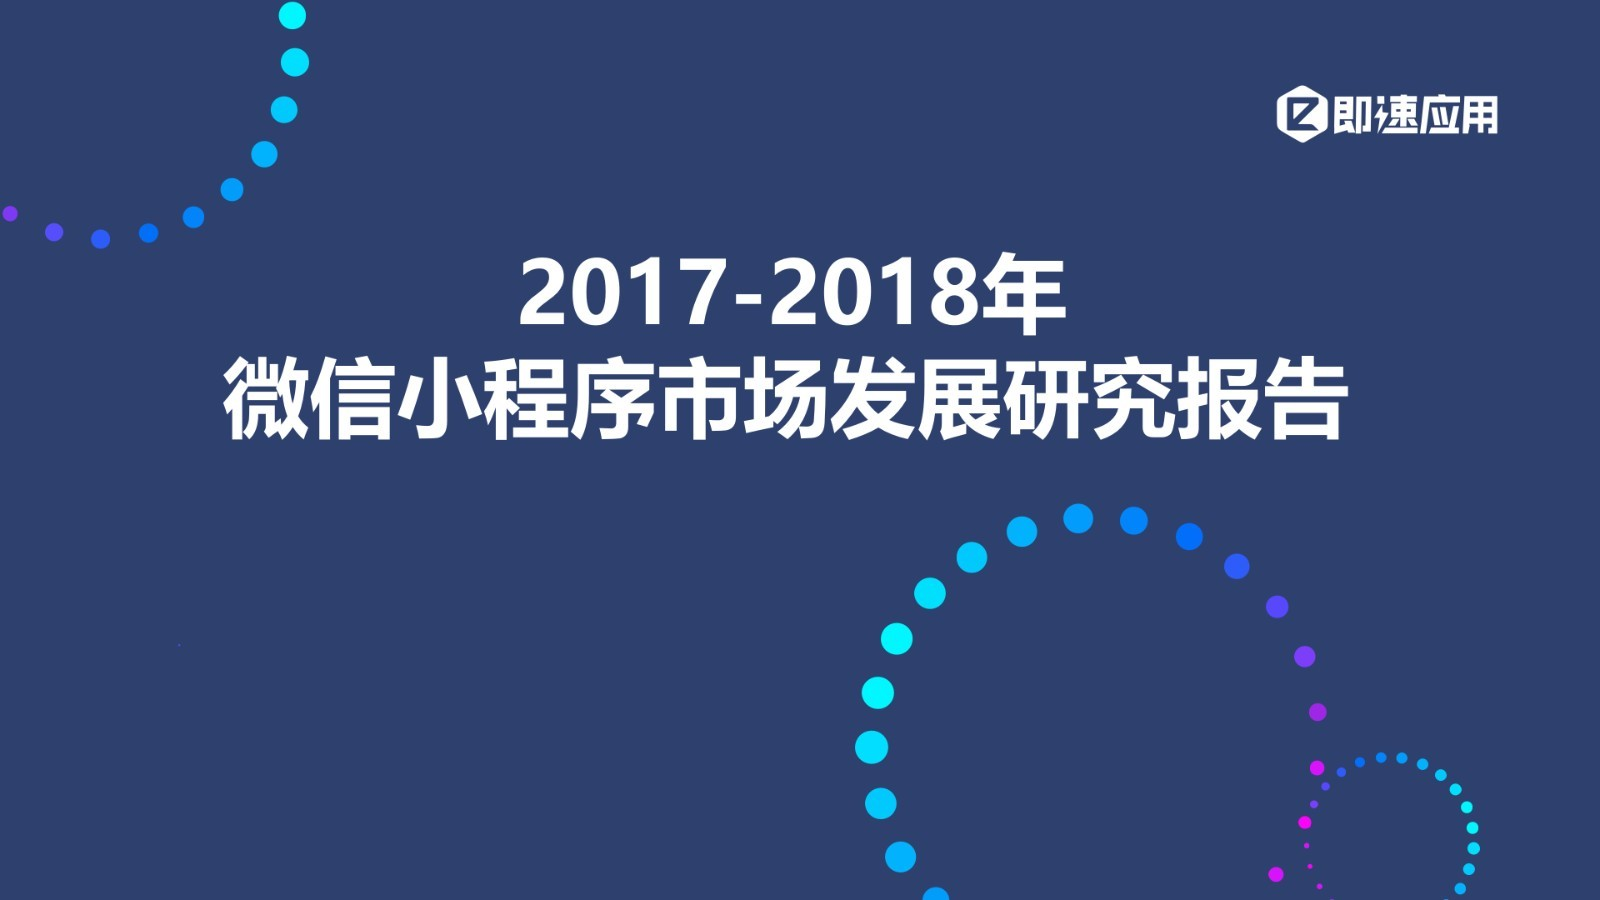 重磅!2018小程序数据报告发布:一年狂揽4亿用户,流量红利Q4集中爆发